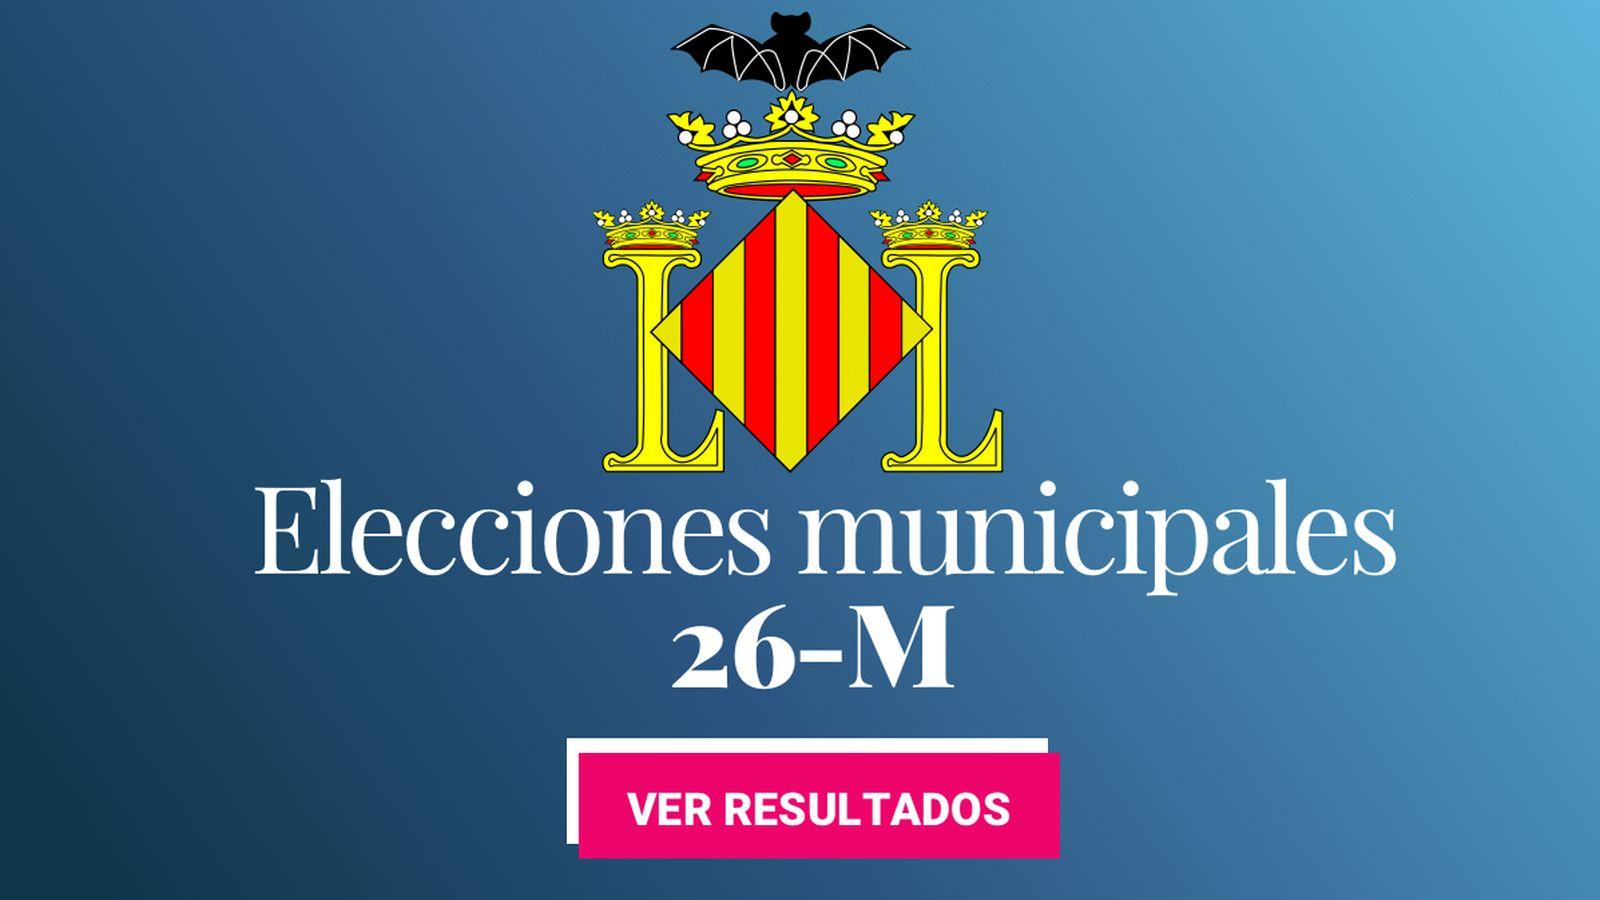 Foto: Elecciones municipales 2019 en Valencia. (C.C./EC)